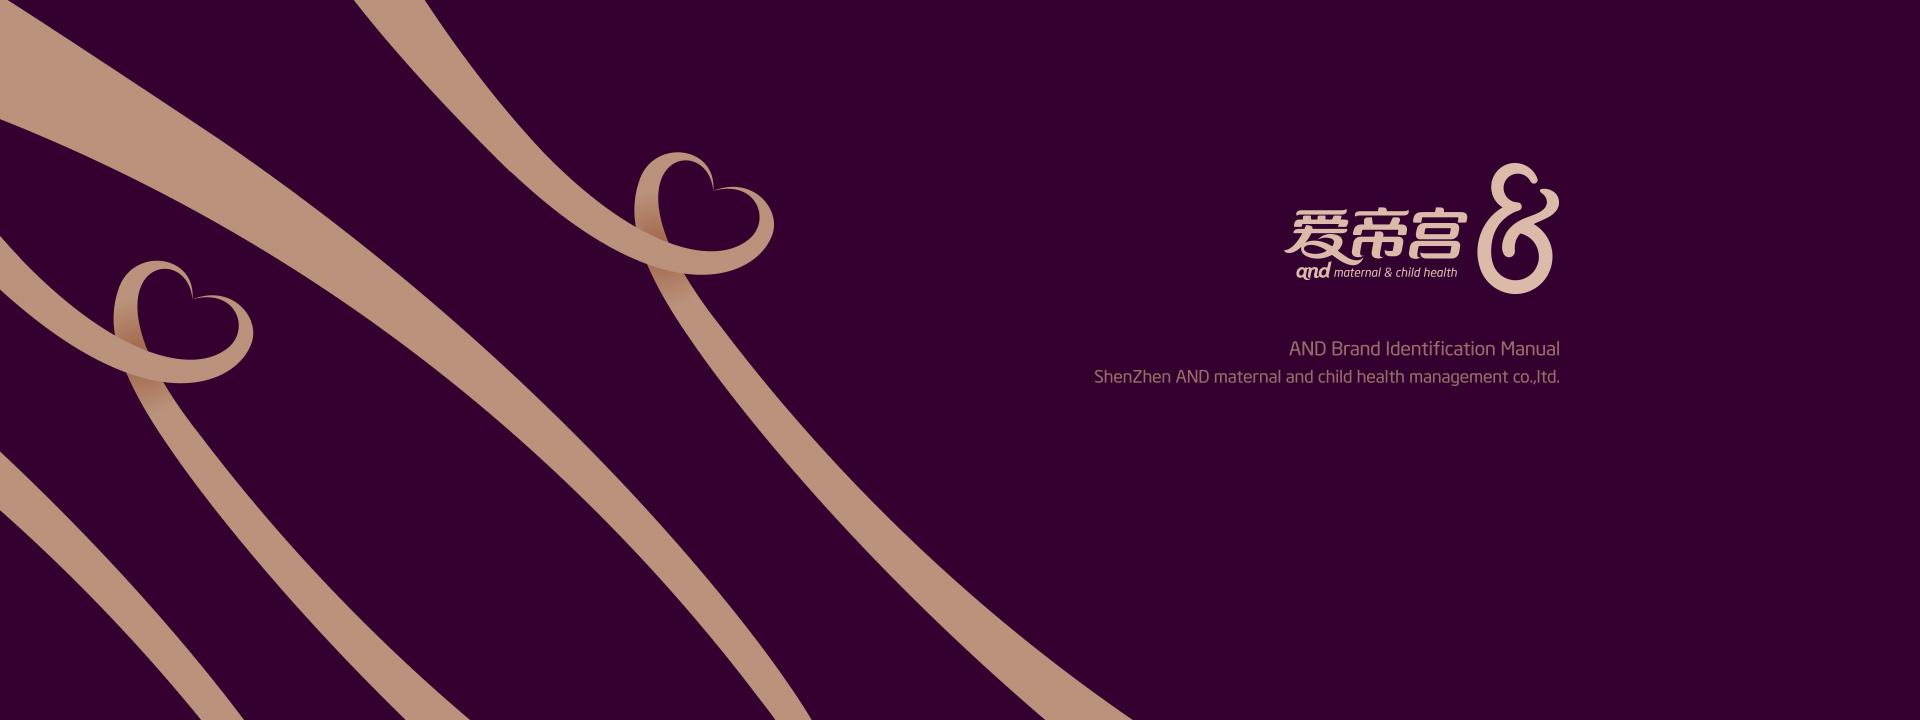 愛帝宮VI設計,logo設計